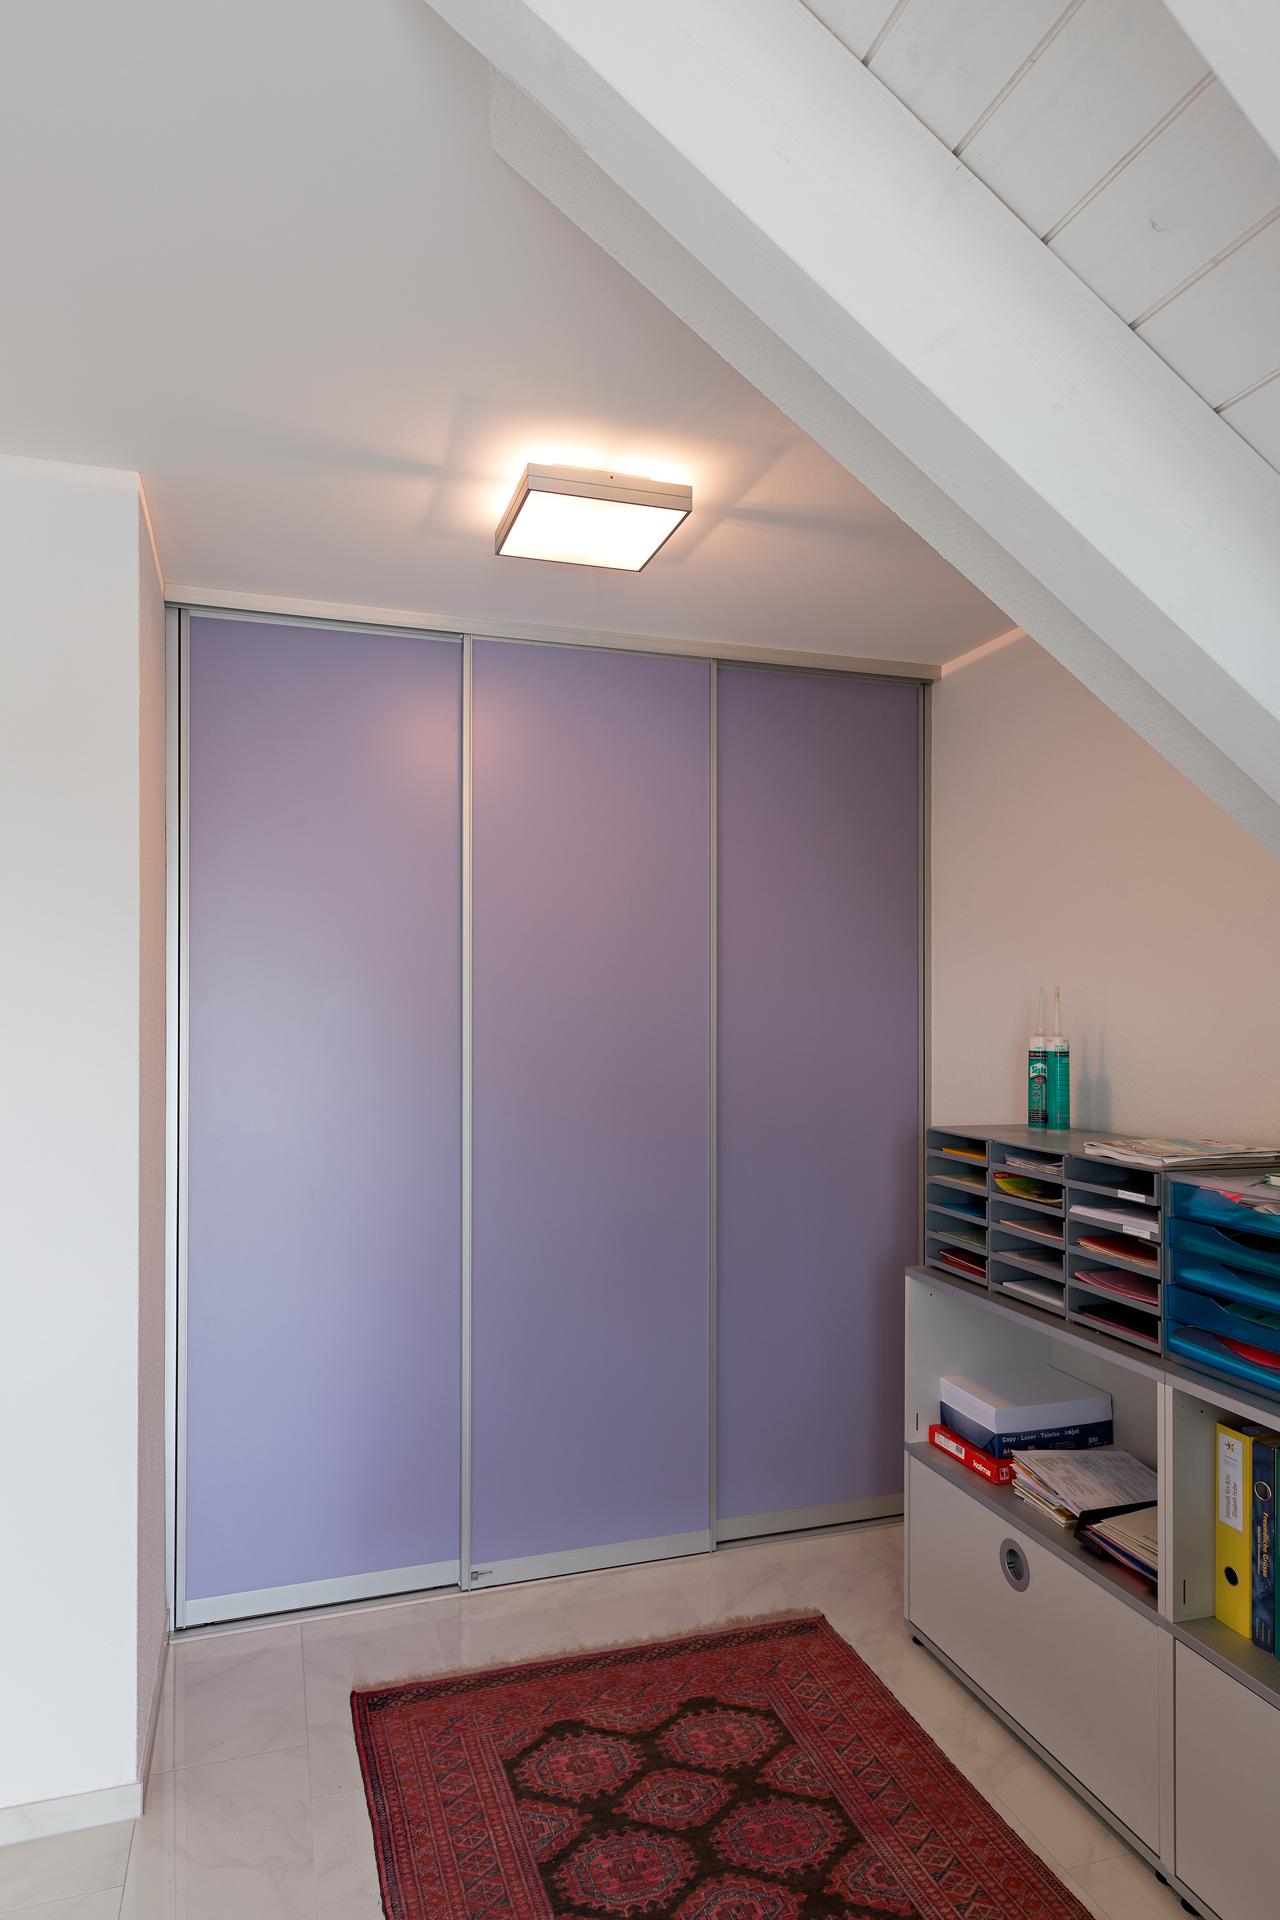 schiebet renschrank im privaten b ro in der farbe lila. Black Bedroom Furniture Sets. Home Design Ideas